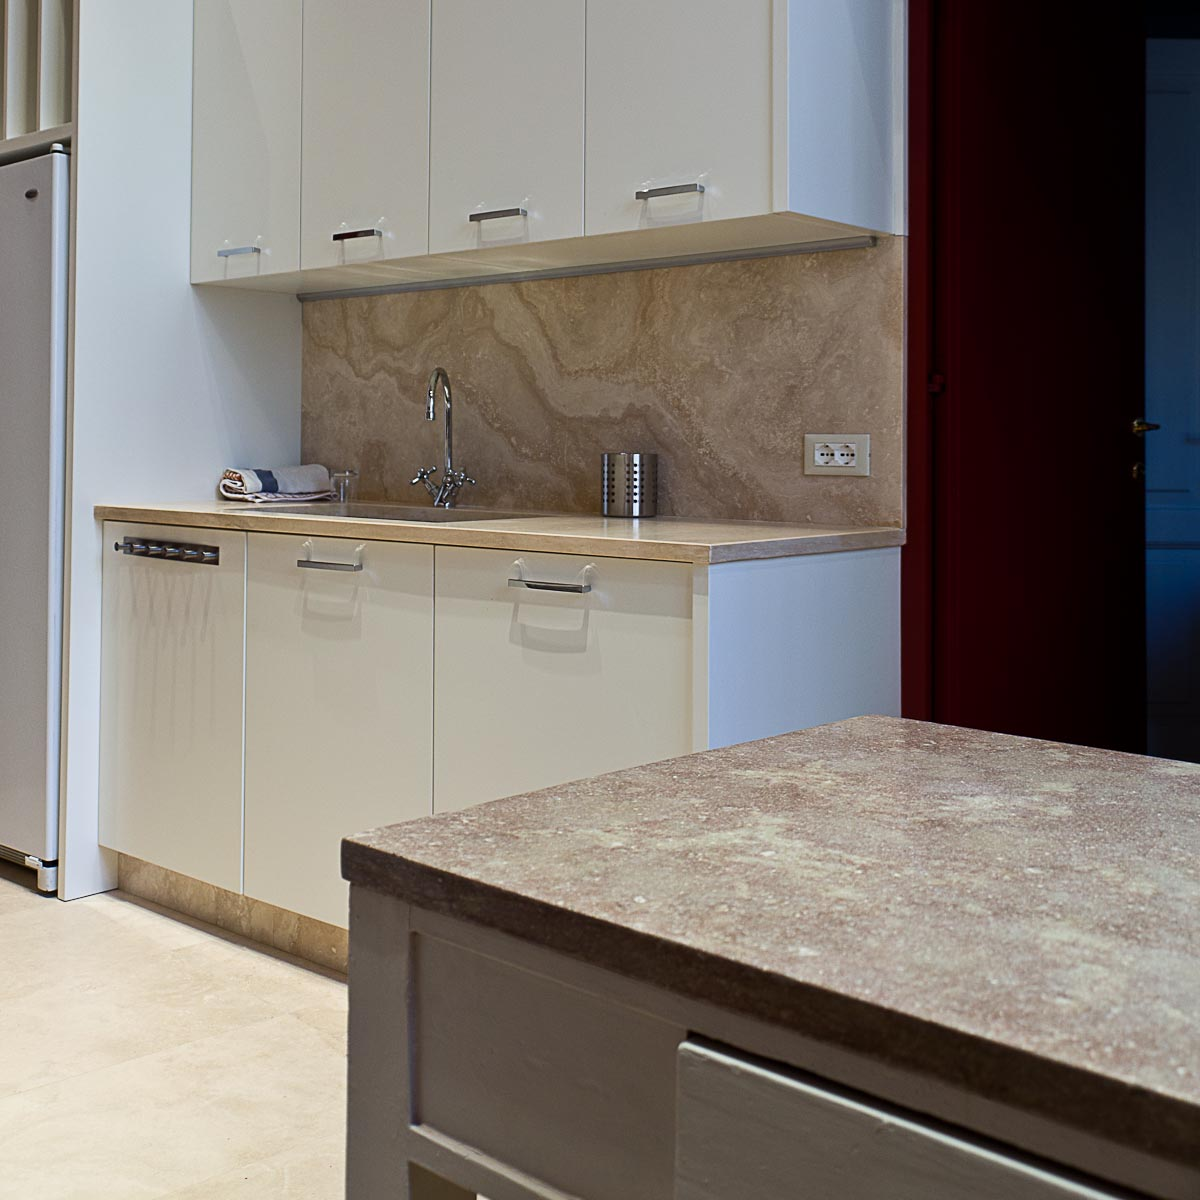 Piani cucina in pietra pietre di rapolano - Top cucina marmo prezzi ...